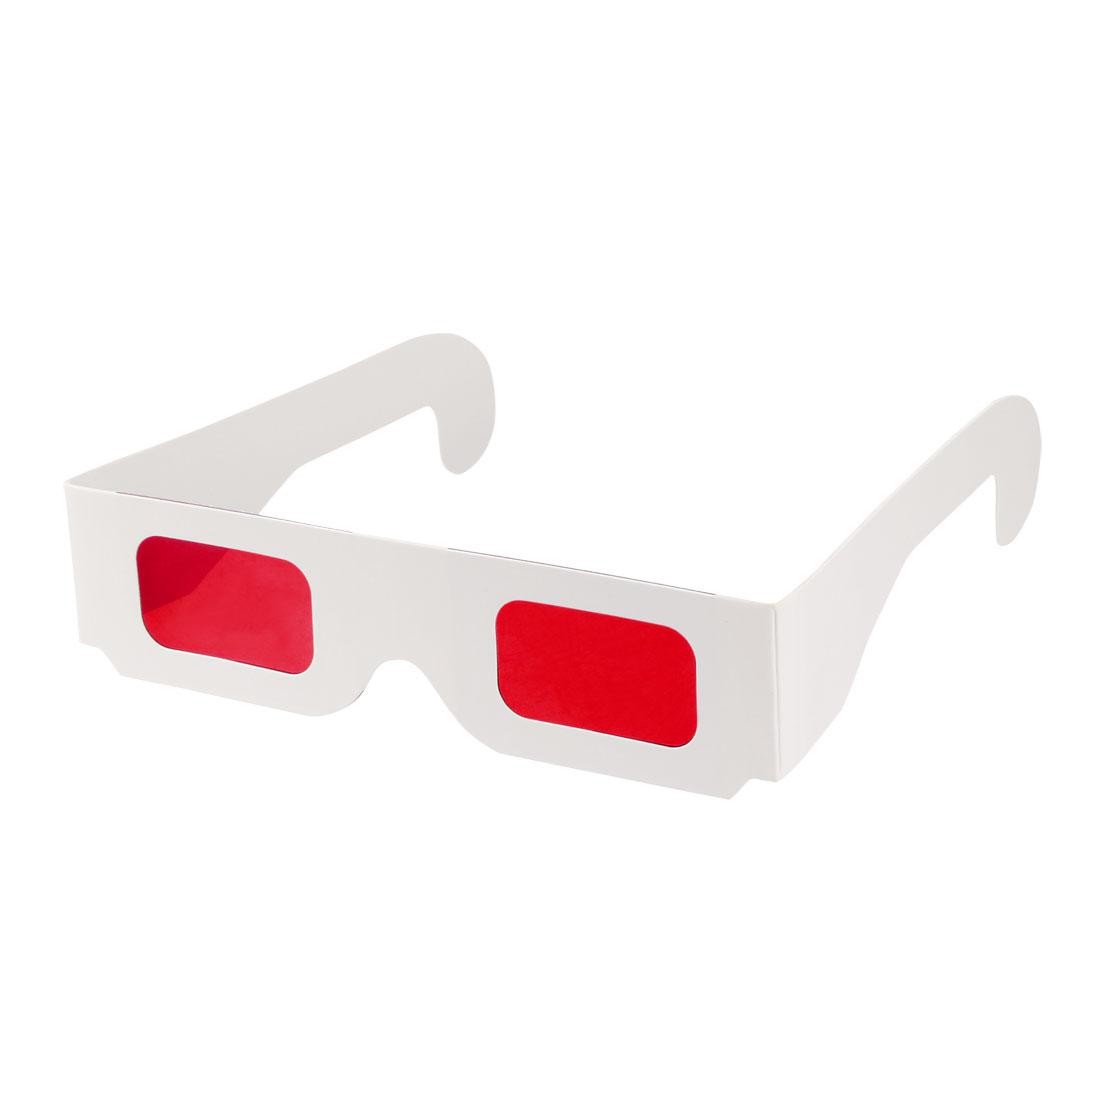 Secret Decoder Glasses Red-Red Filter Lens White Foldable Frame 3D Glasses 20pcs